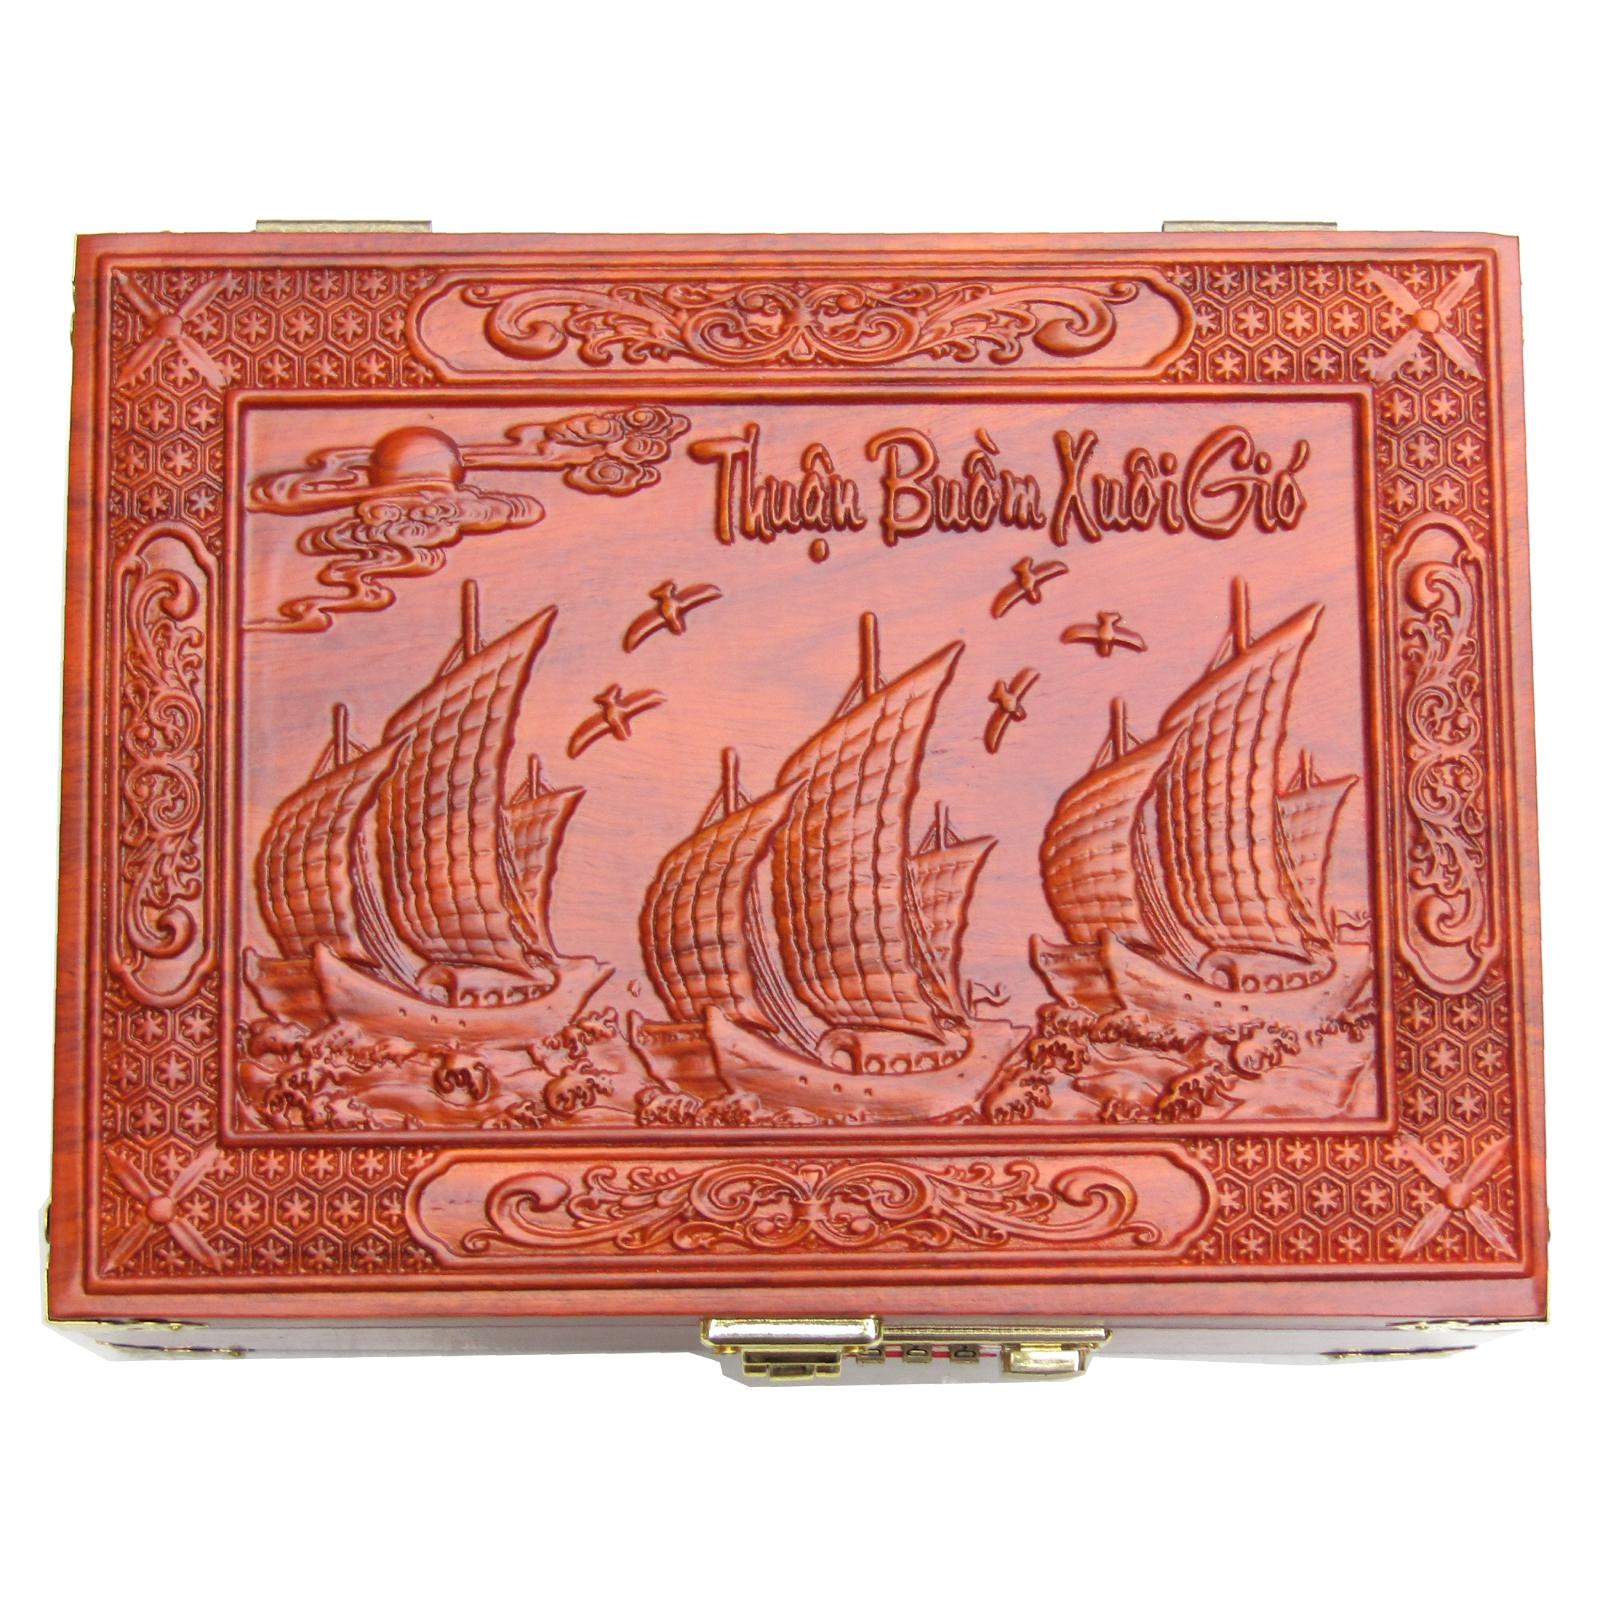 Hộp Đựng Trang Sức, Con Dấu Chạm Thuận Buồm Xuôi Gió Gỗ Hương Loại To MK01 ( 24 x18 x10 cm )